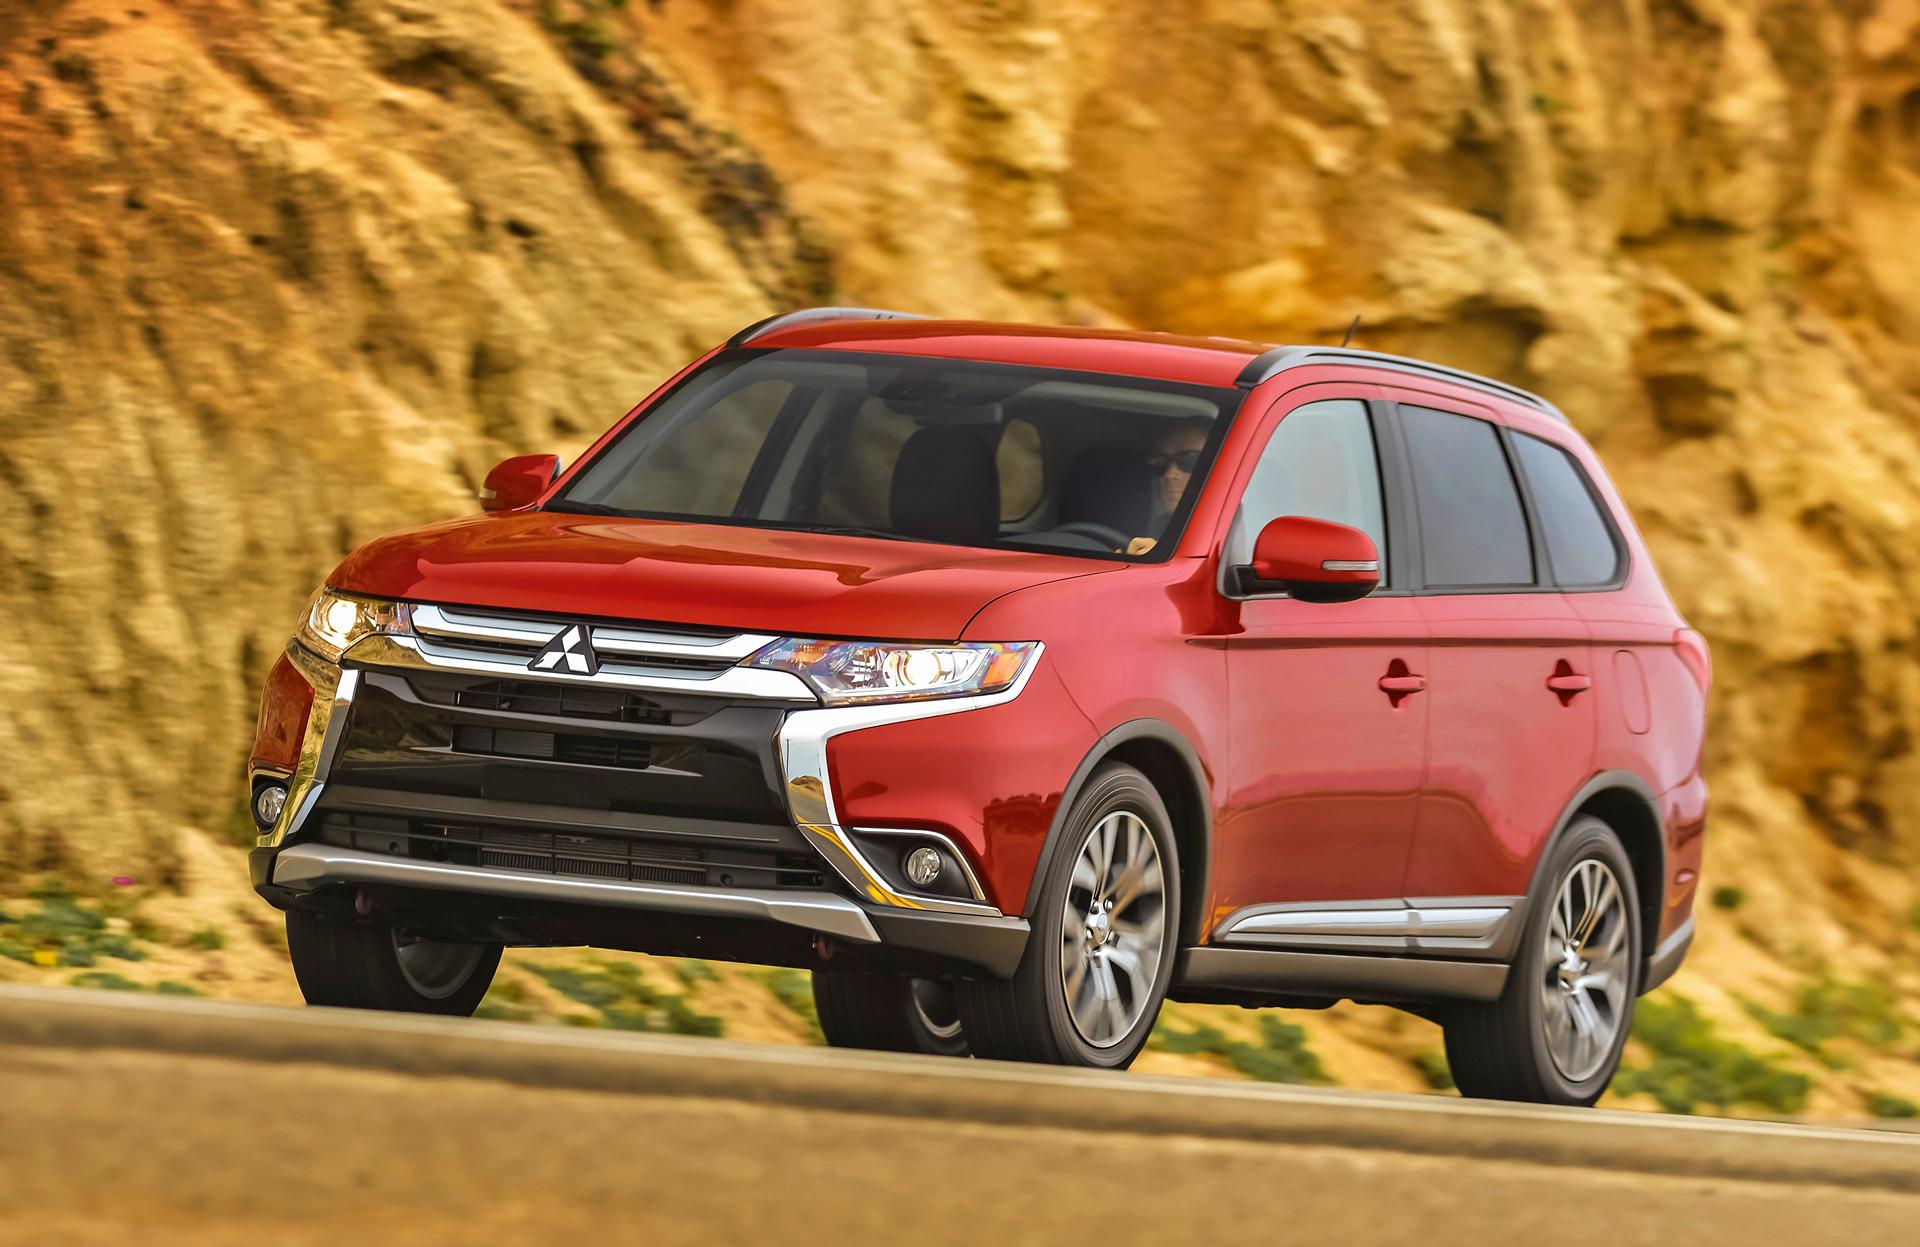 2016 Mitsubishi Outlander Review - Carrrs Auto Portal